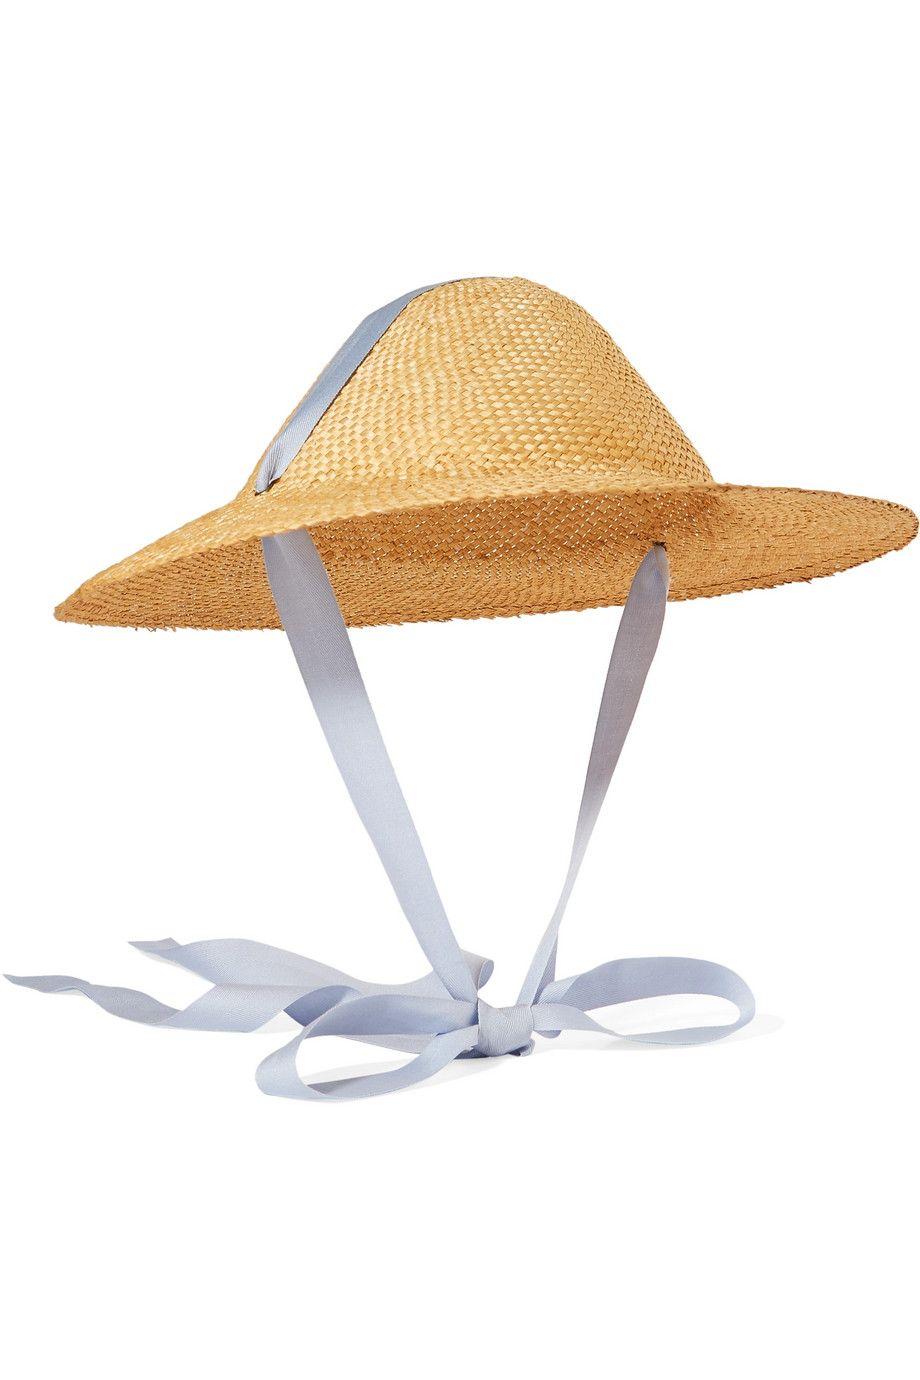 05cf0bbe260ab 28 Best Kentucky Derby Hats for Women - Stylish Kentucky Derby Hats